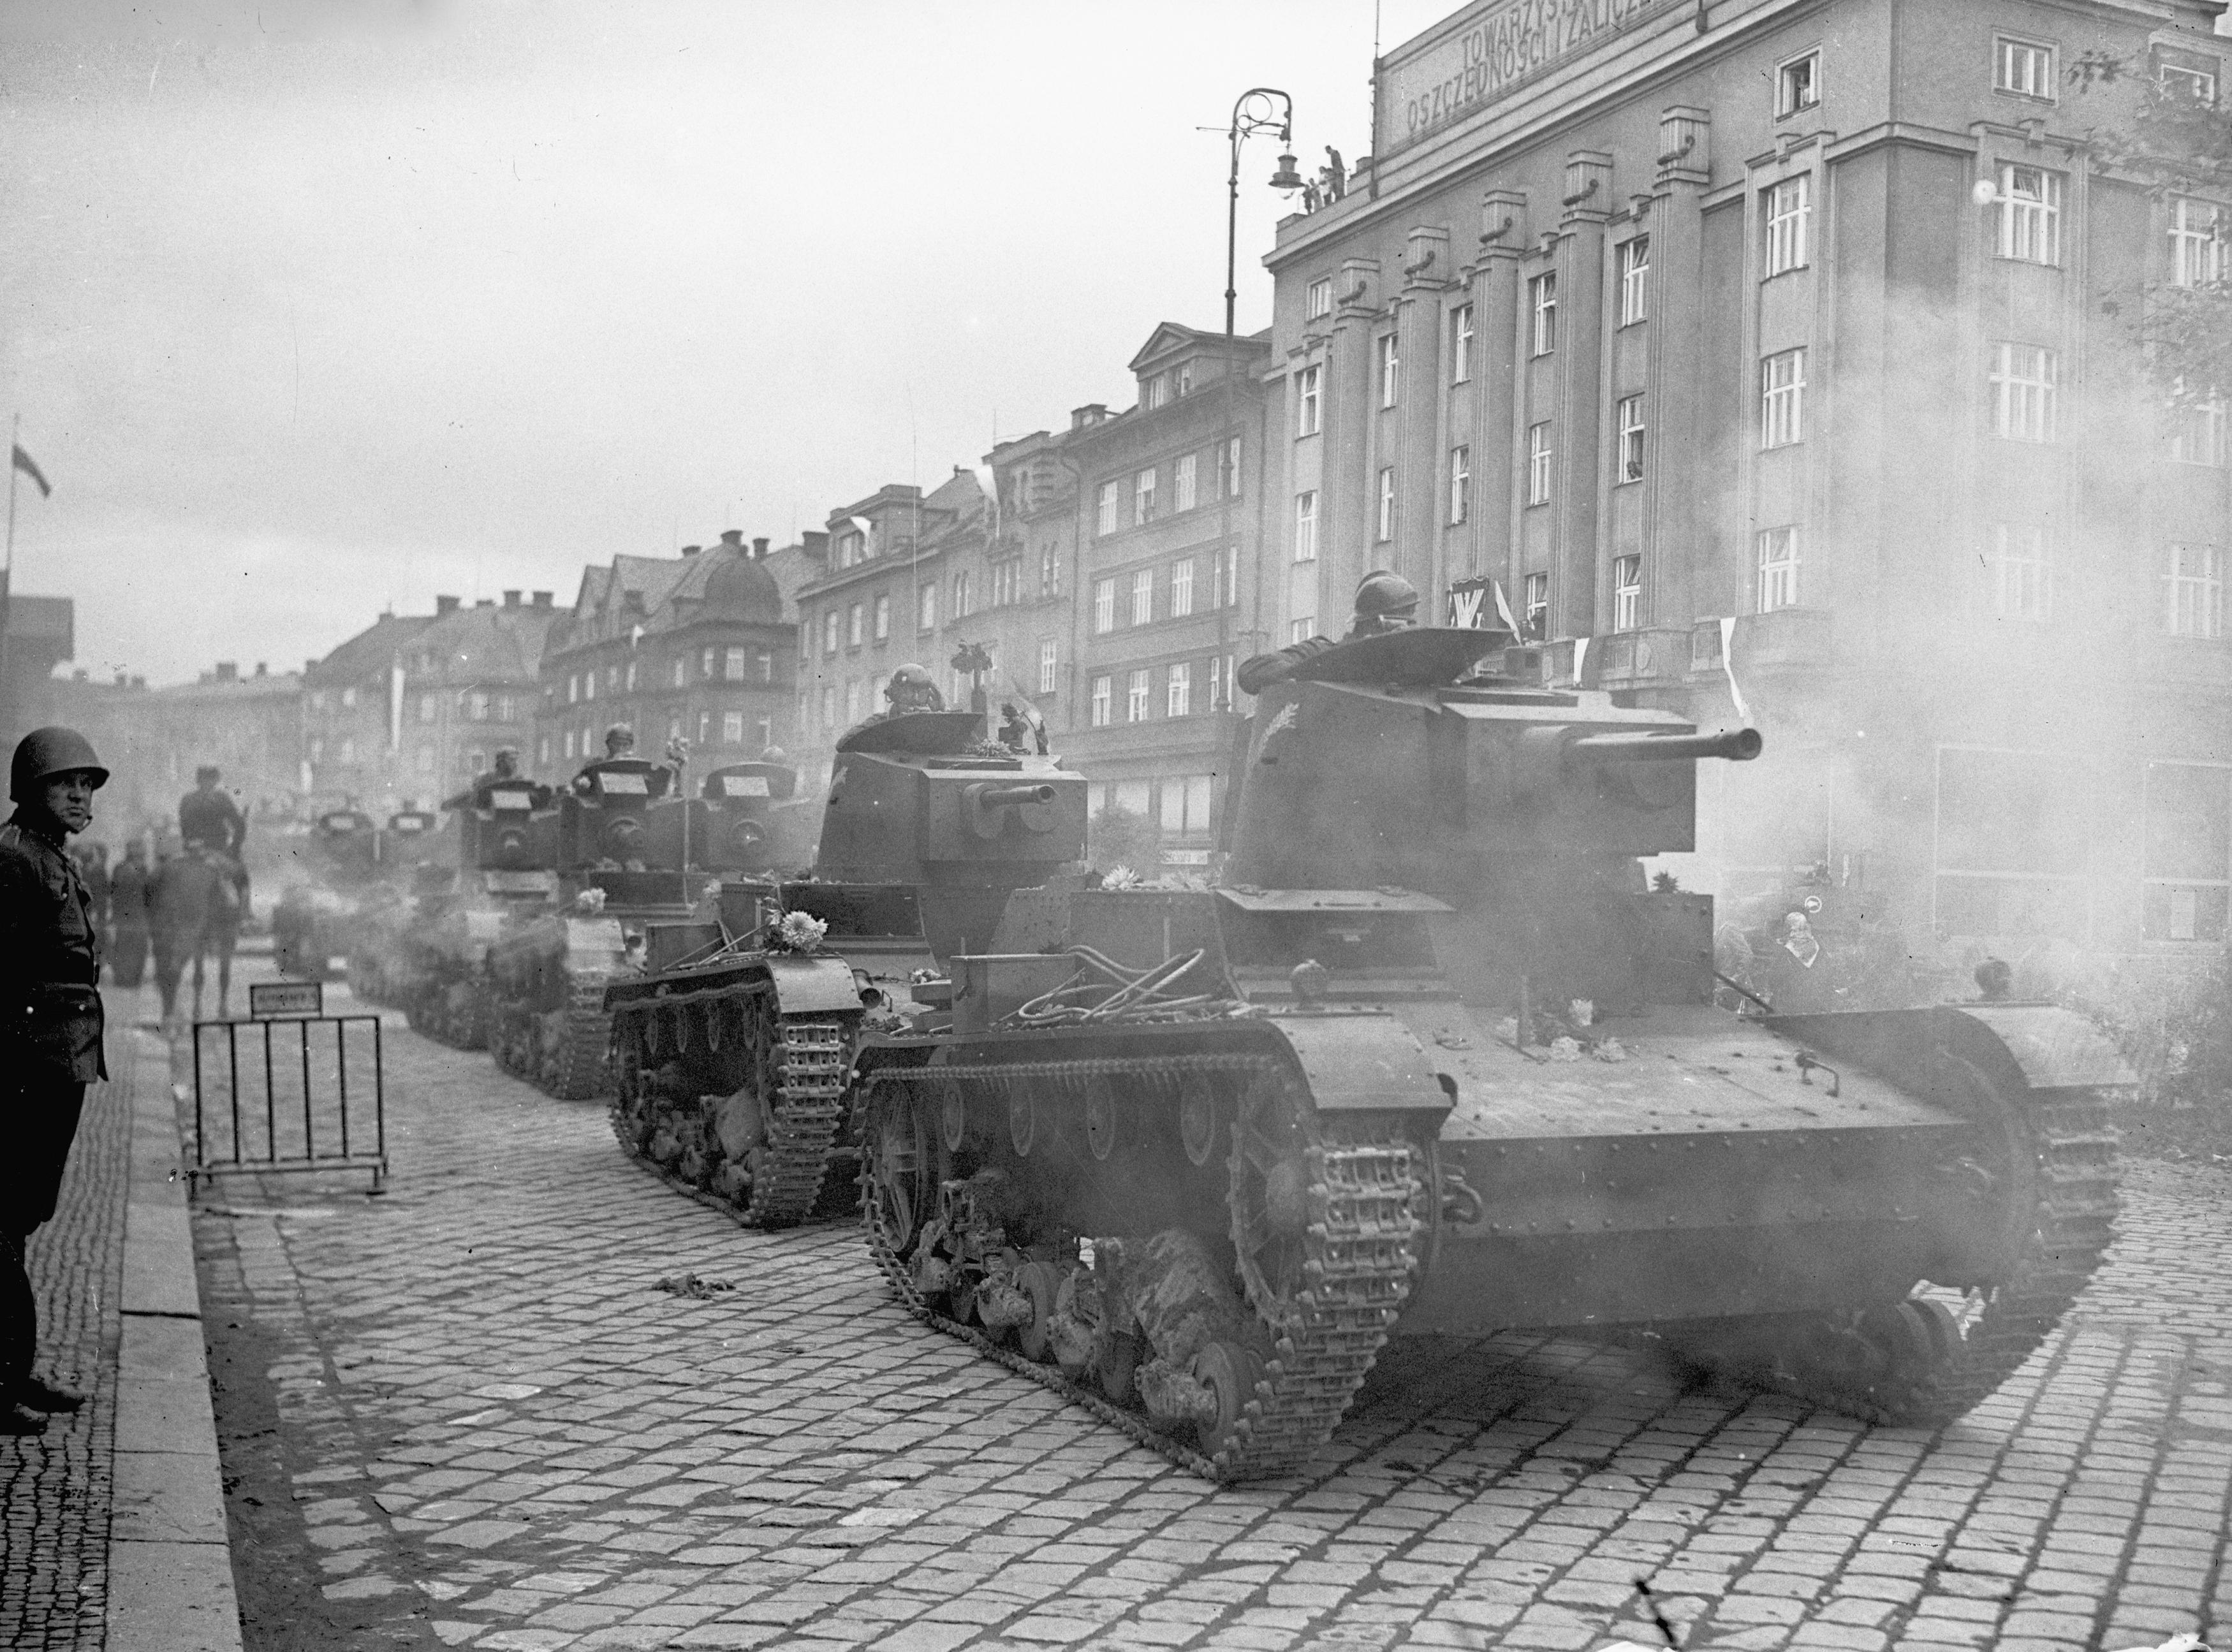 Polish army invading Czechoslovakia